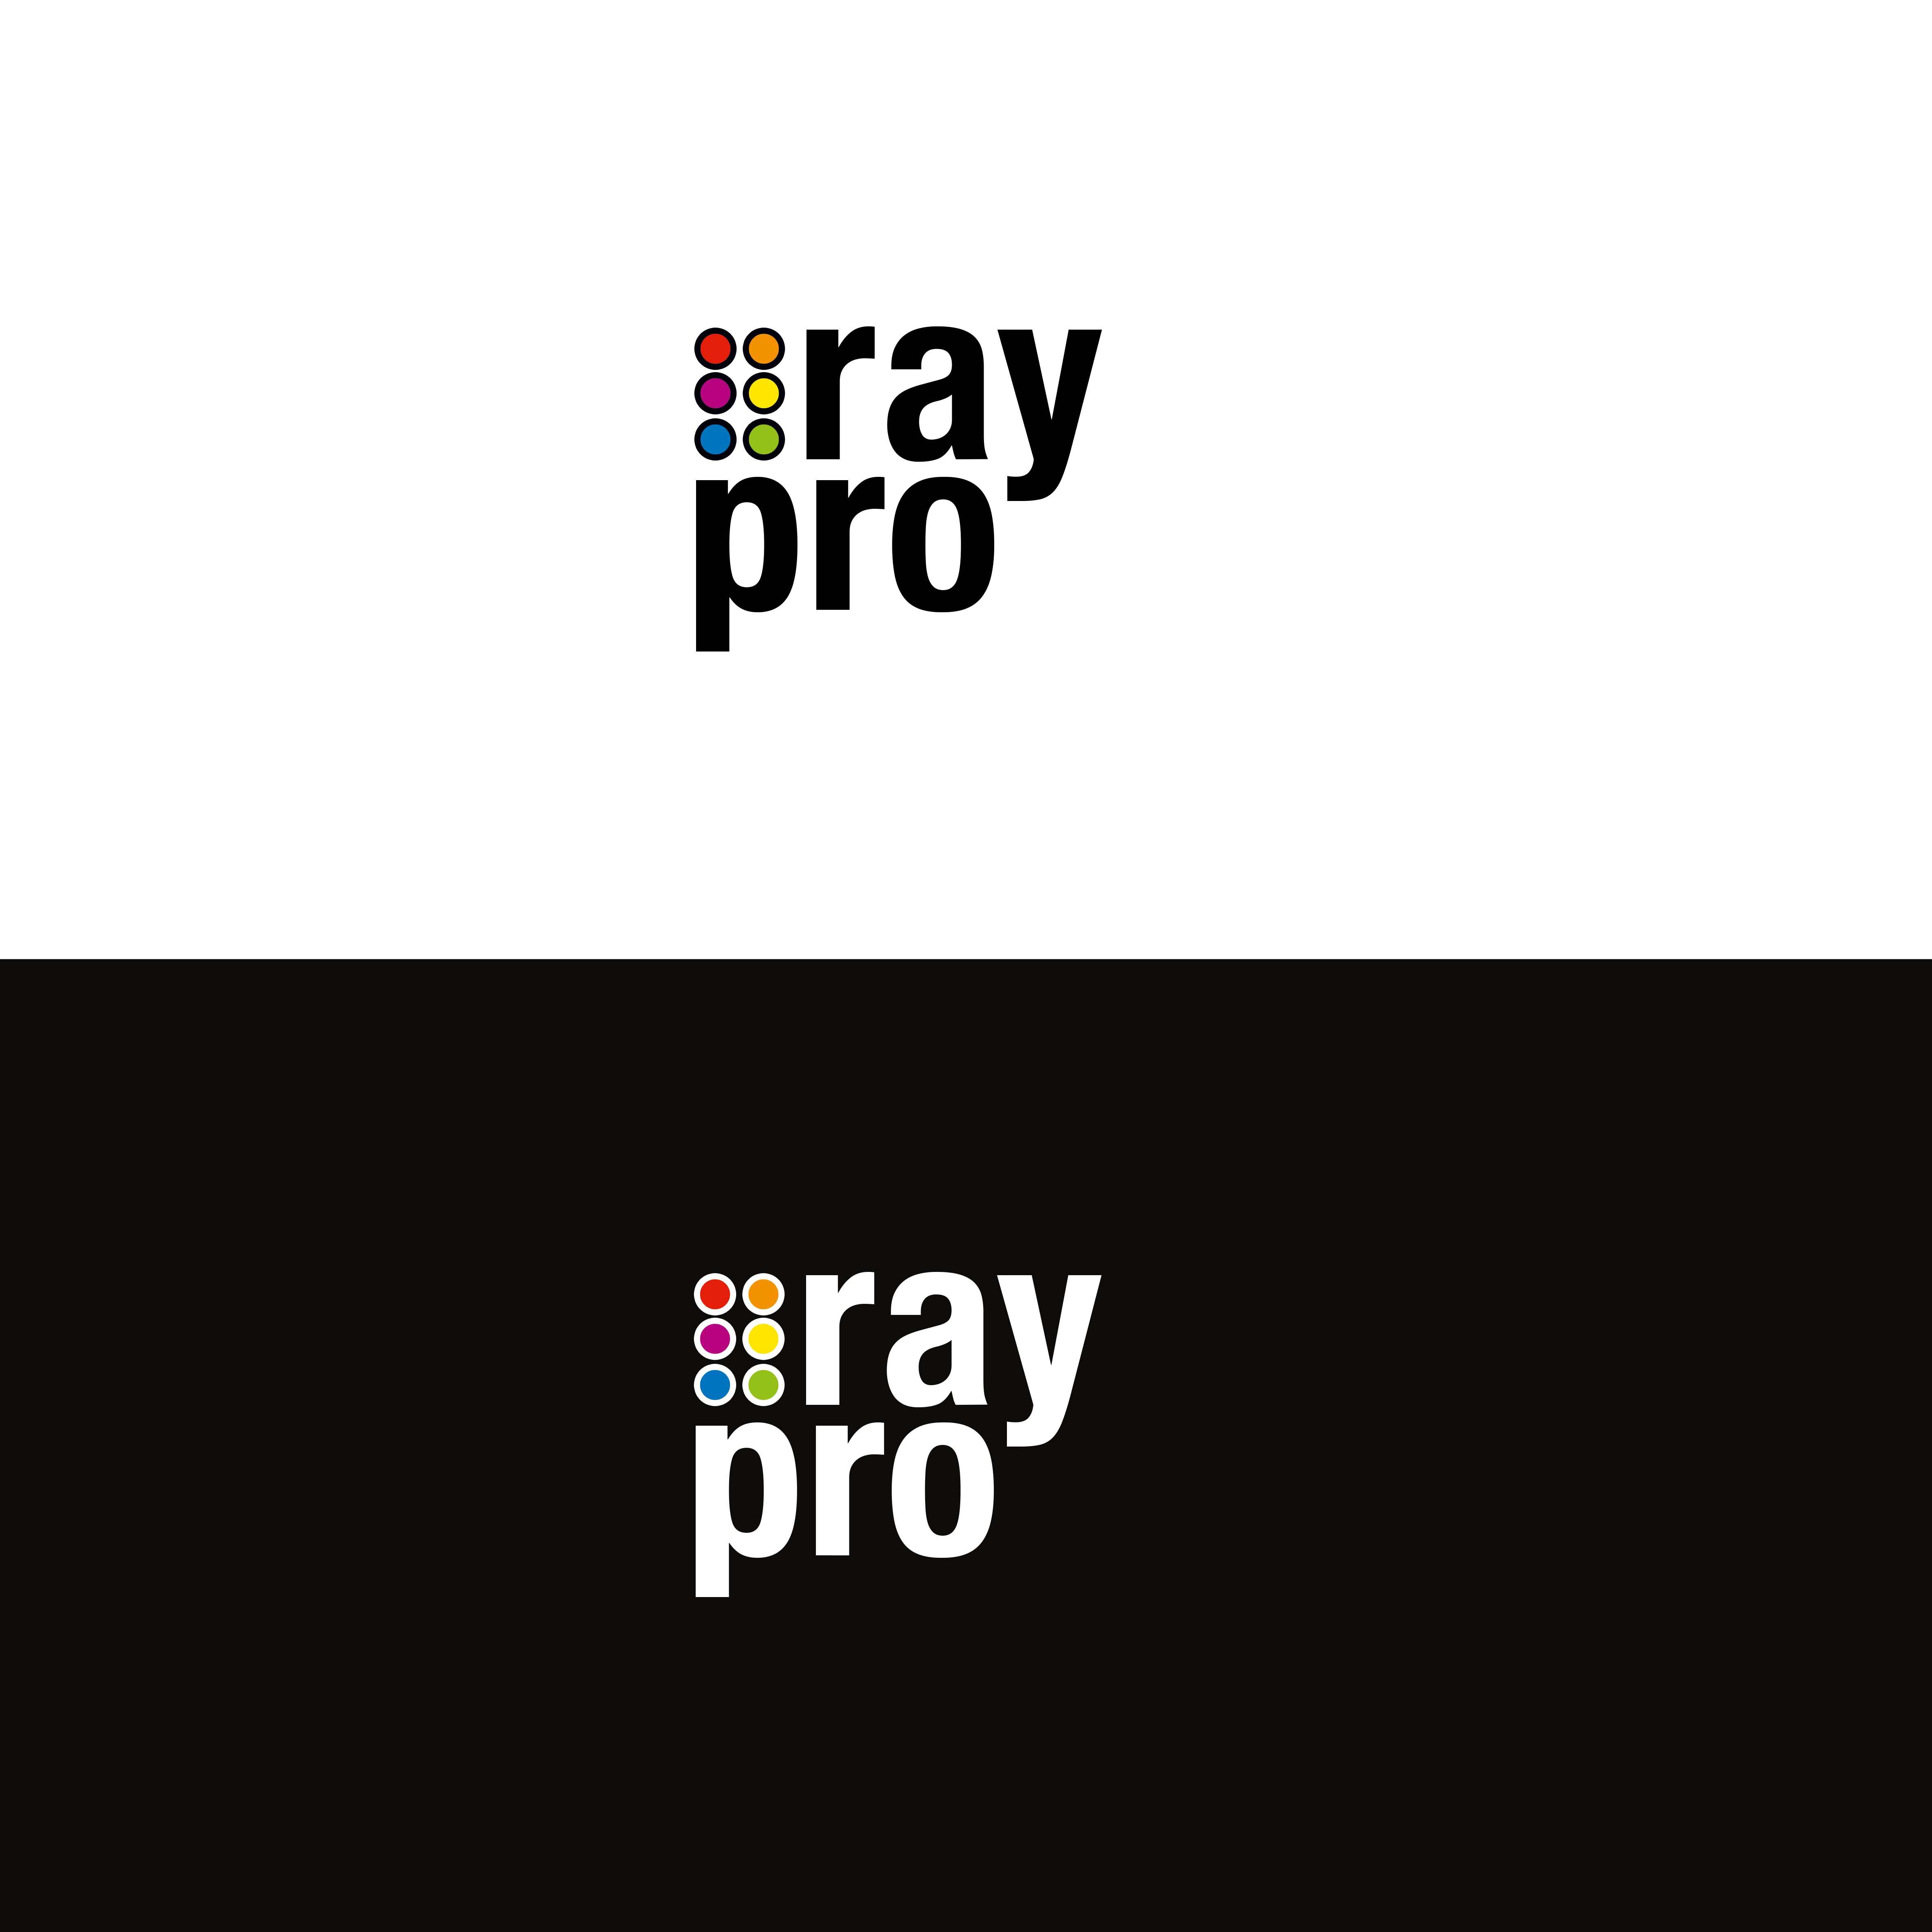 Разработка логотипа (продукт - светодиодная лента) фото f_3545bc0ad694e297.jpg